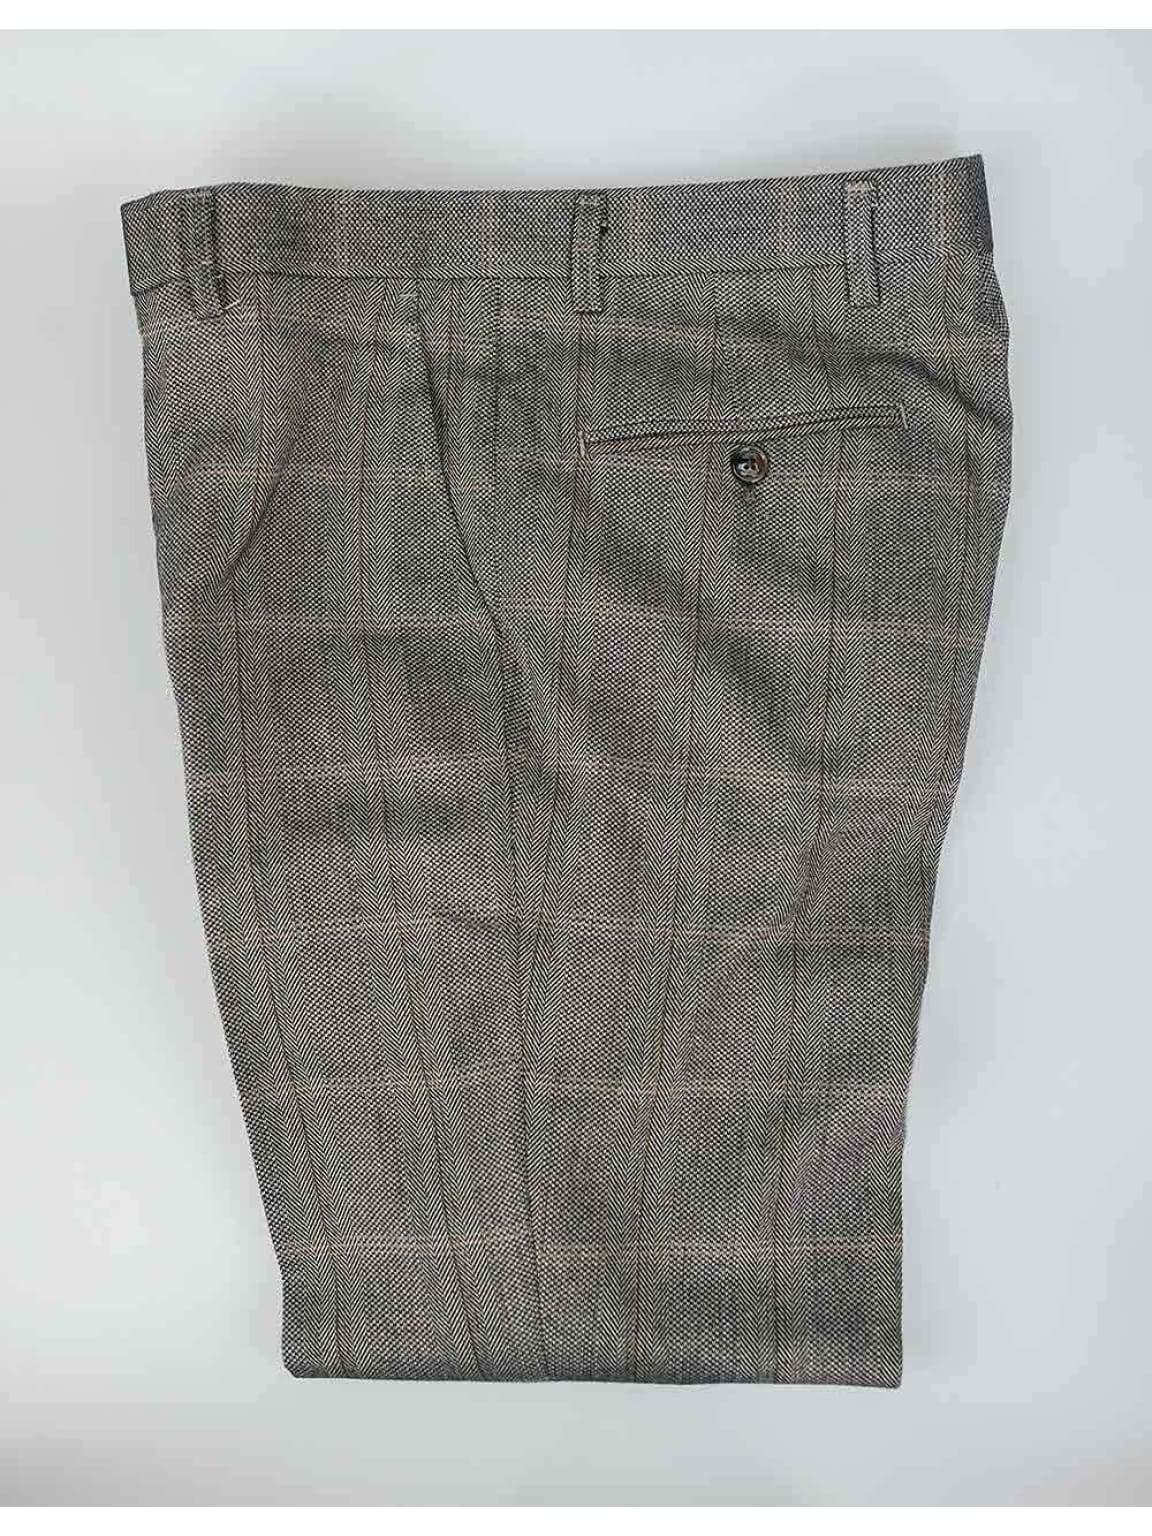 Cavani Connall Tweed Brown Mens Slim Fit Trousers - 30R - Suit & Tailoring